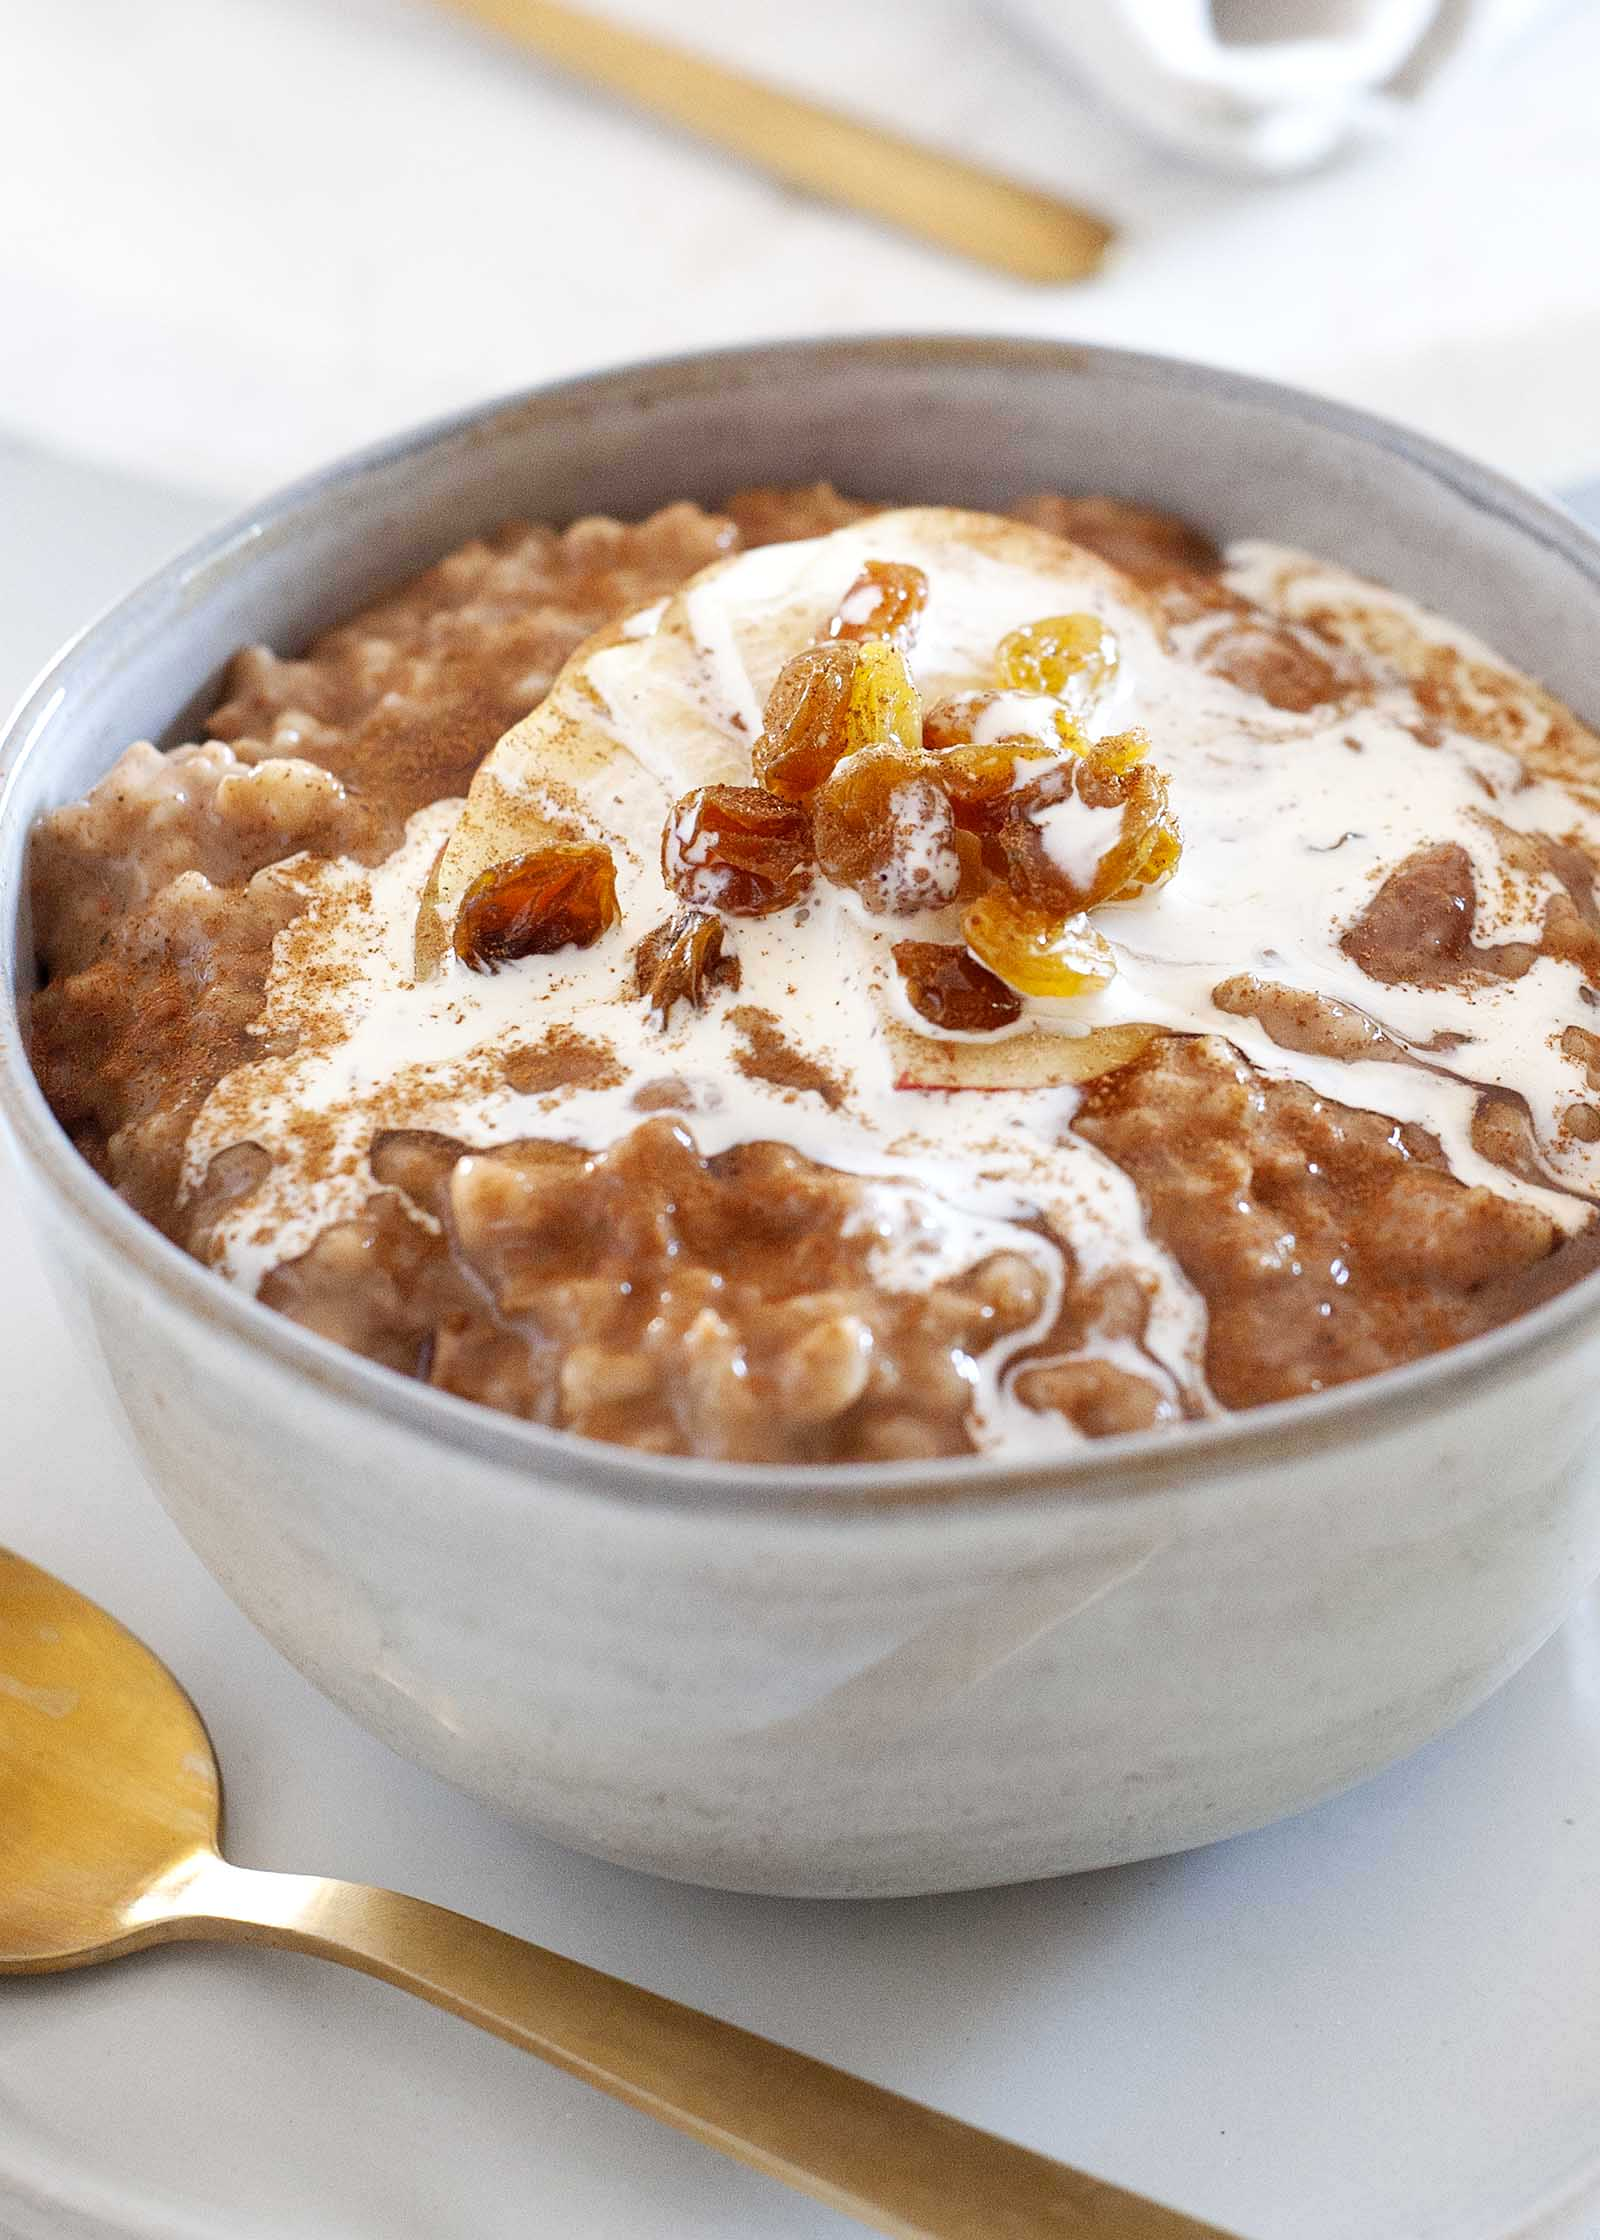 Crockpot Oatmeal, покрытый сверху молока и золотого изюма с золотой ложкой внизу.